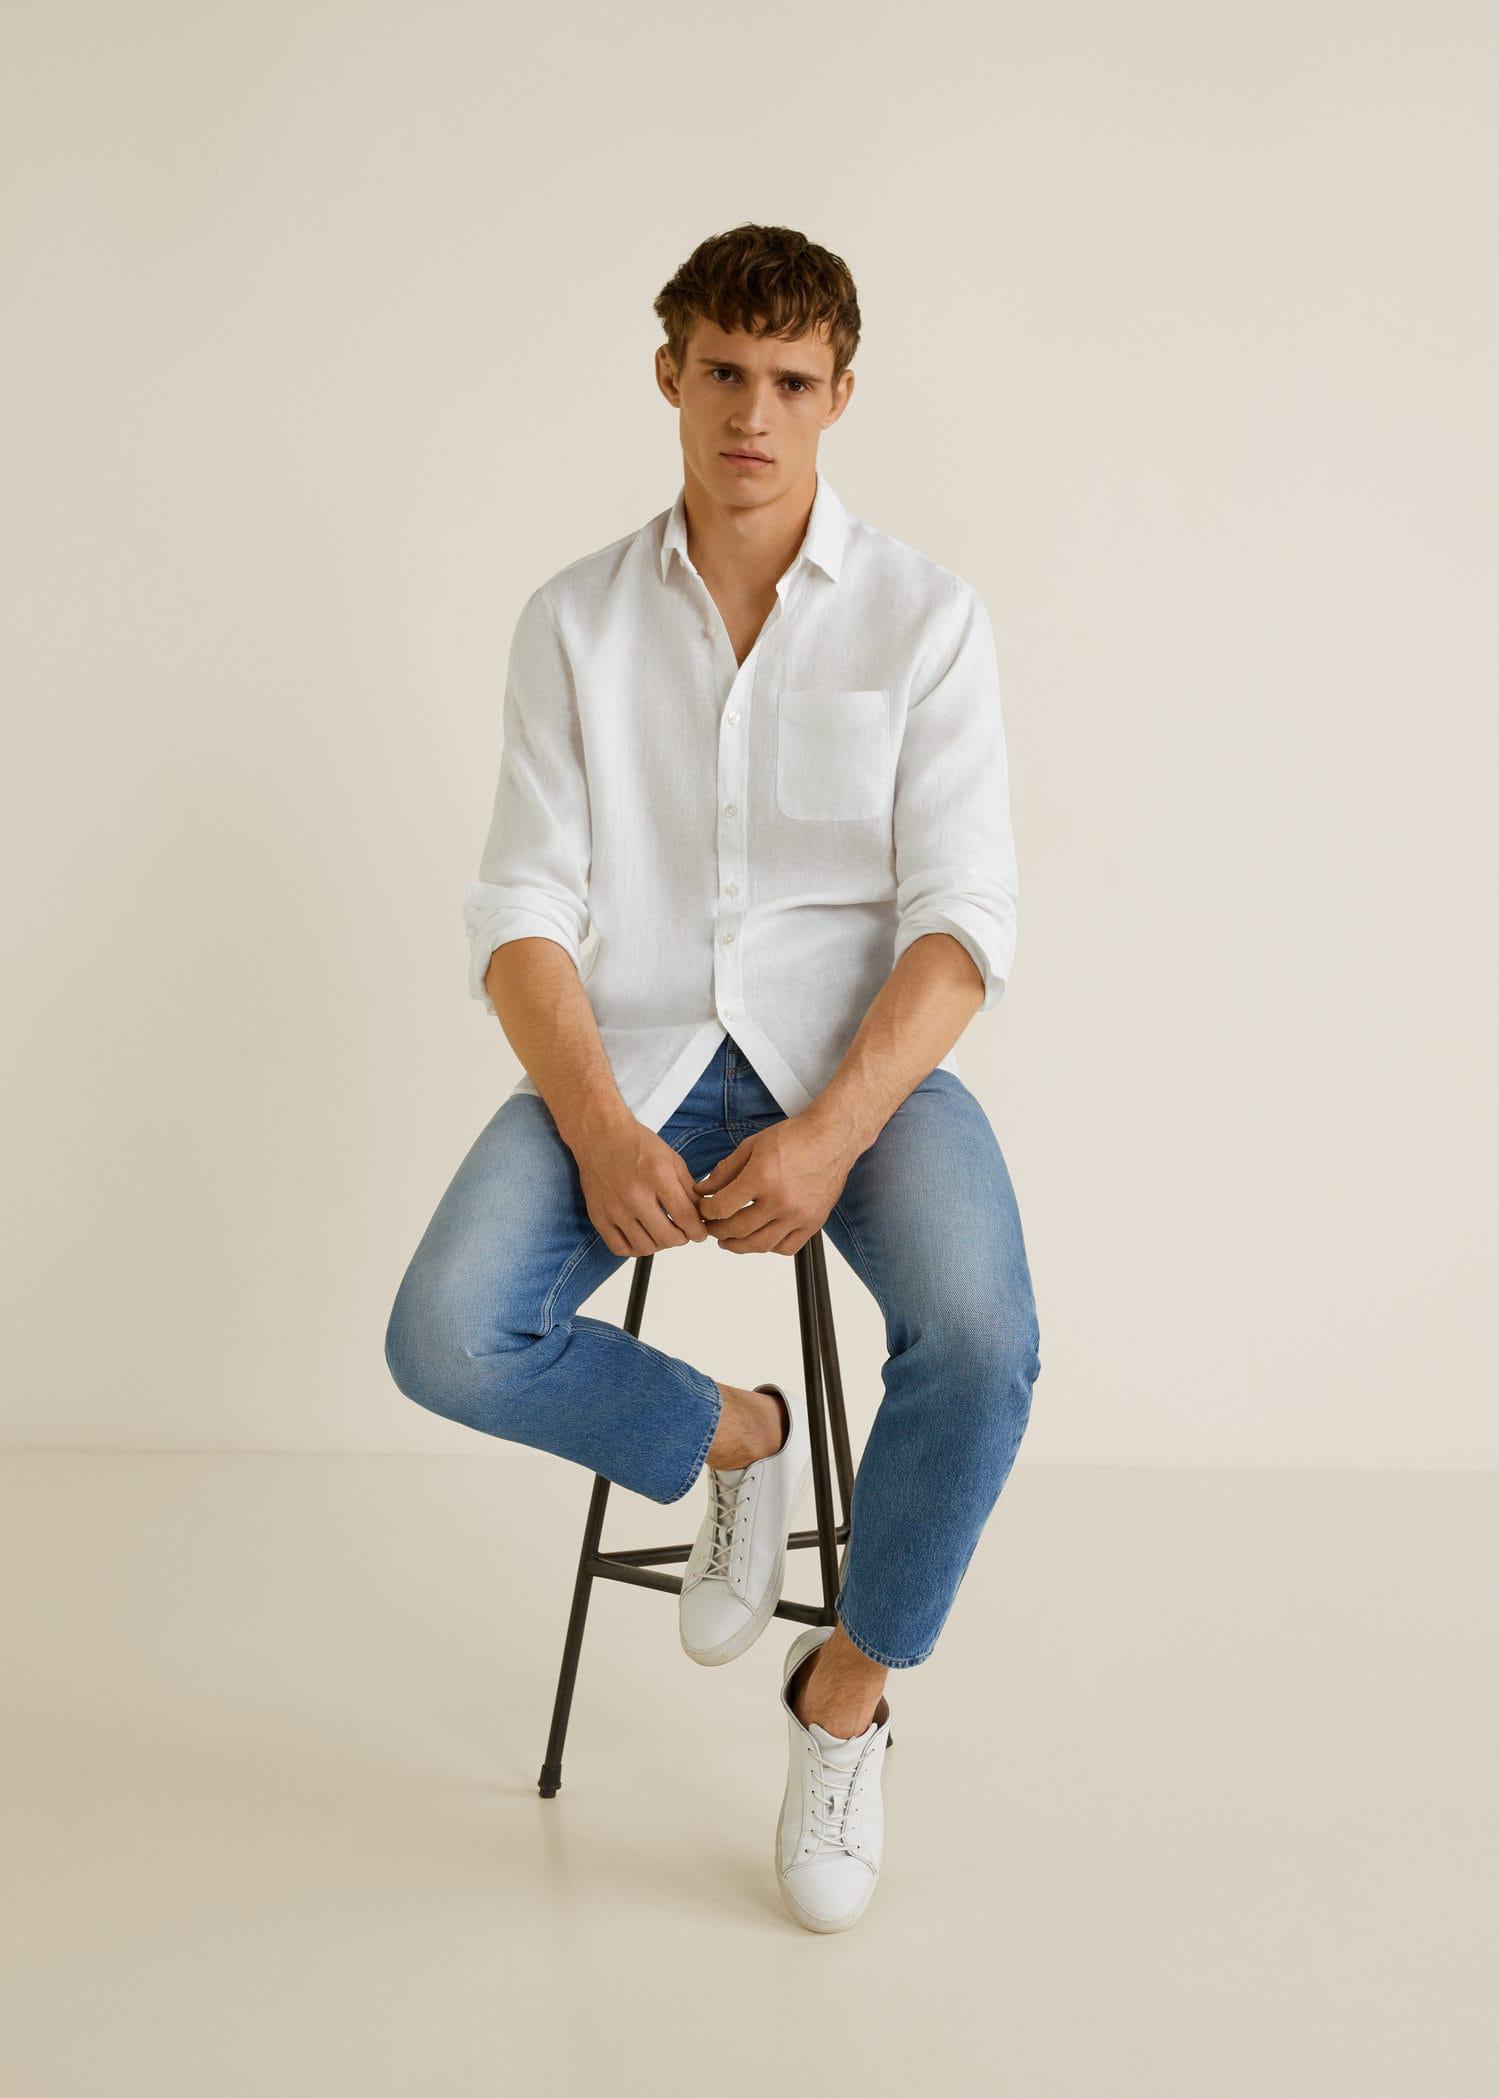 De Man Camisas España 2019Mango Hombre rxECWdoBeQ